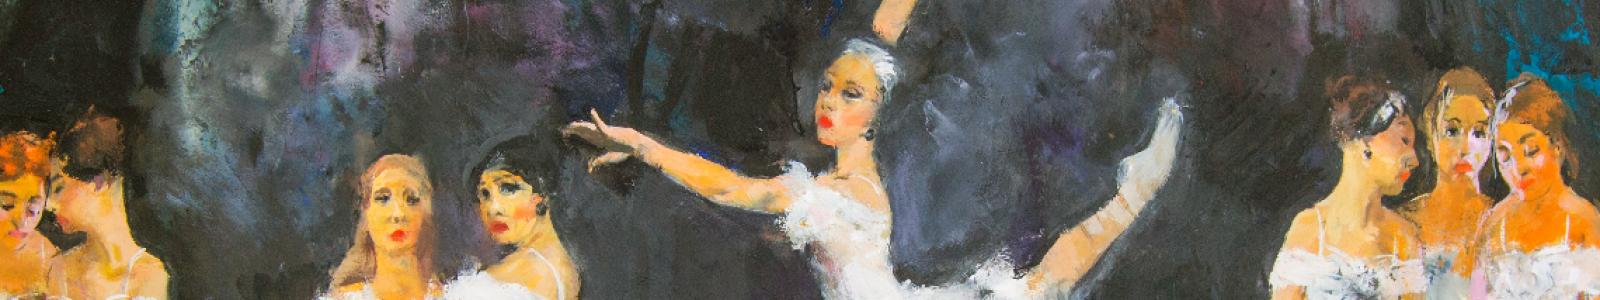 Gallery Painter Daniil Medvedenko